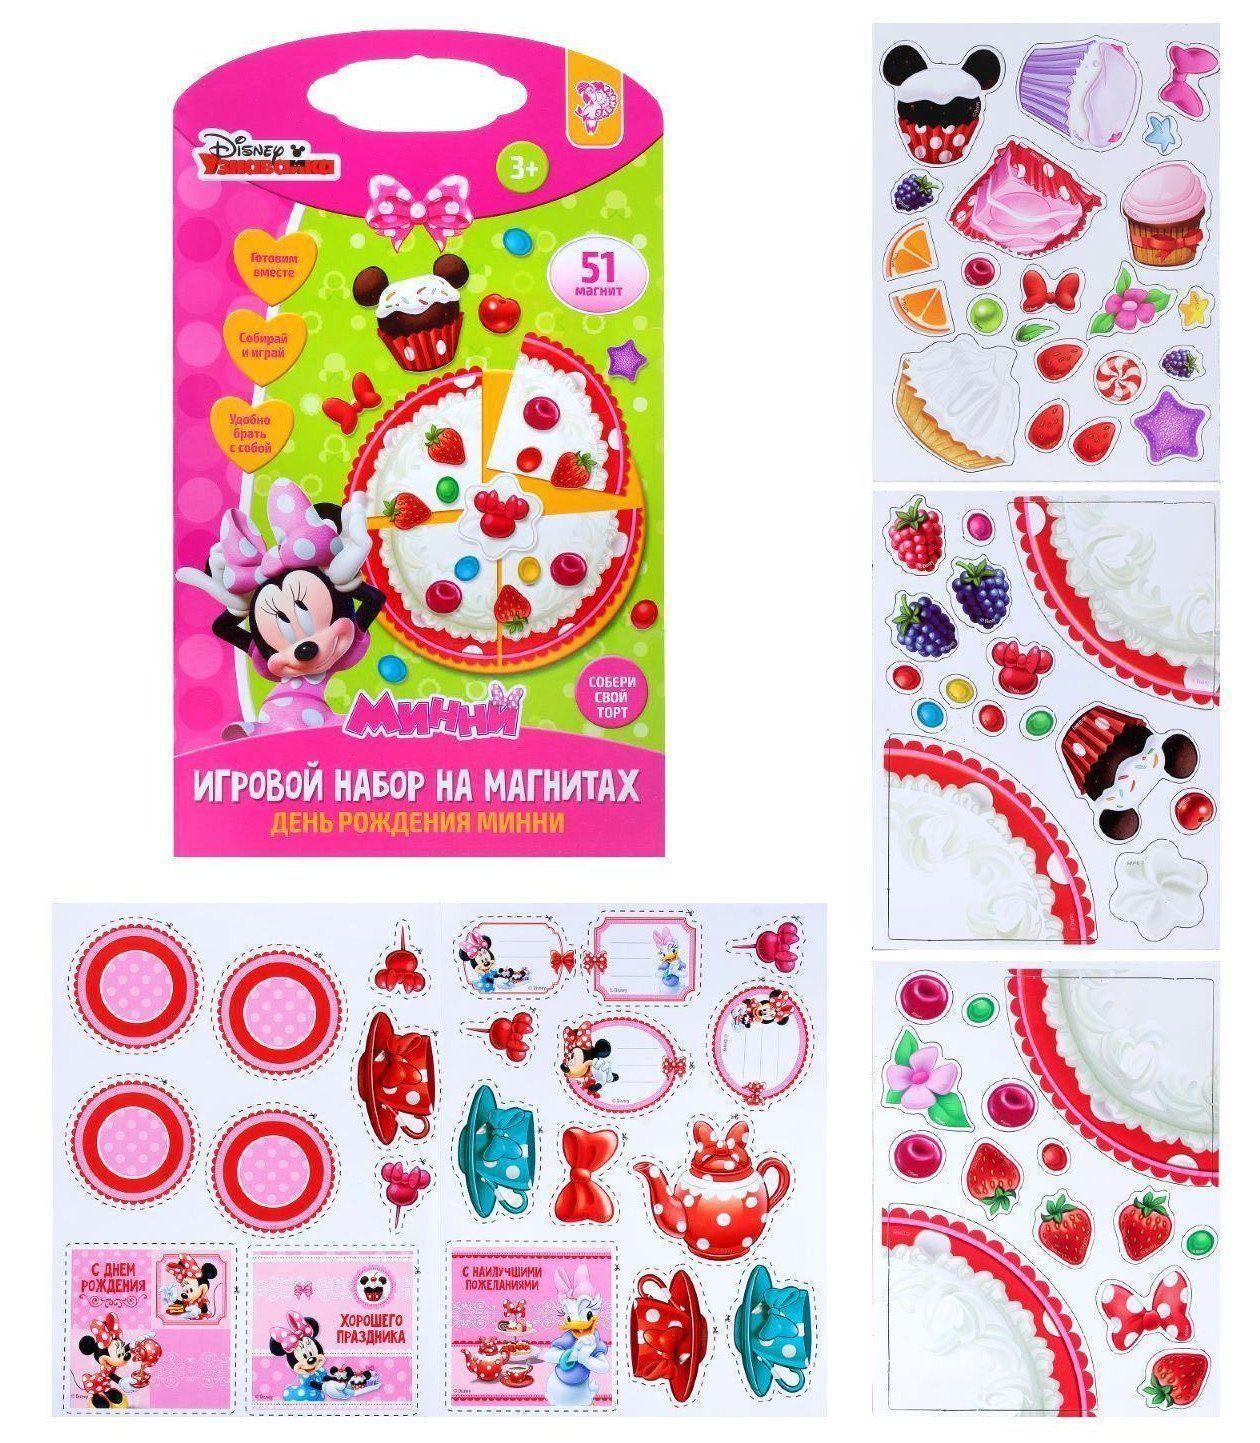 Игровой набор на магнитах Минни Маус День рождения МинниИгры и игрушки<br>Красочные магнитные угощения так и хочется подать на стол и устроить грандиозную вечеринку в волшебном стиле Disney.Увлекательная игра будет способствовать развитию воображения, мышления, мелкой моторки рук и ловкости пальчиков ребёнка. Устраивая день рож...<br><br>Год: 2017<br>Высота: 250<br>Ширина: 150<br>Толщина: 3